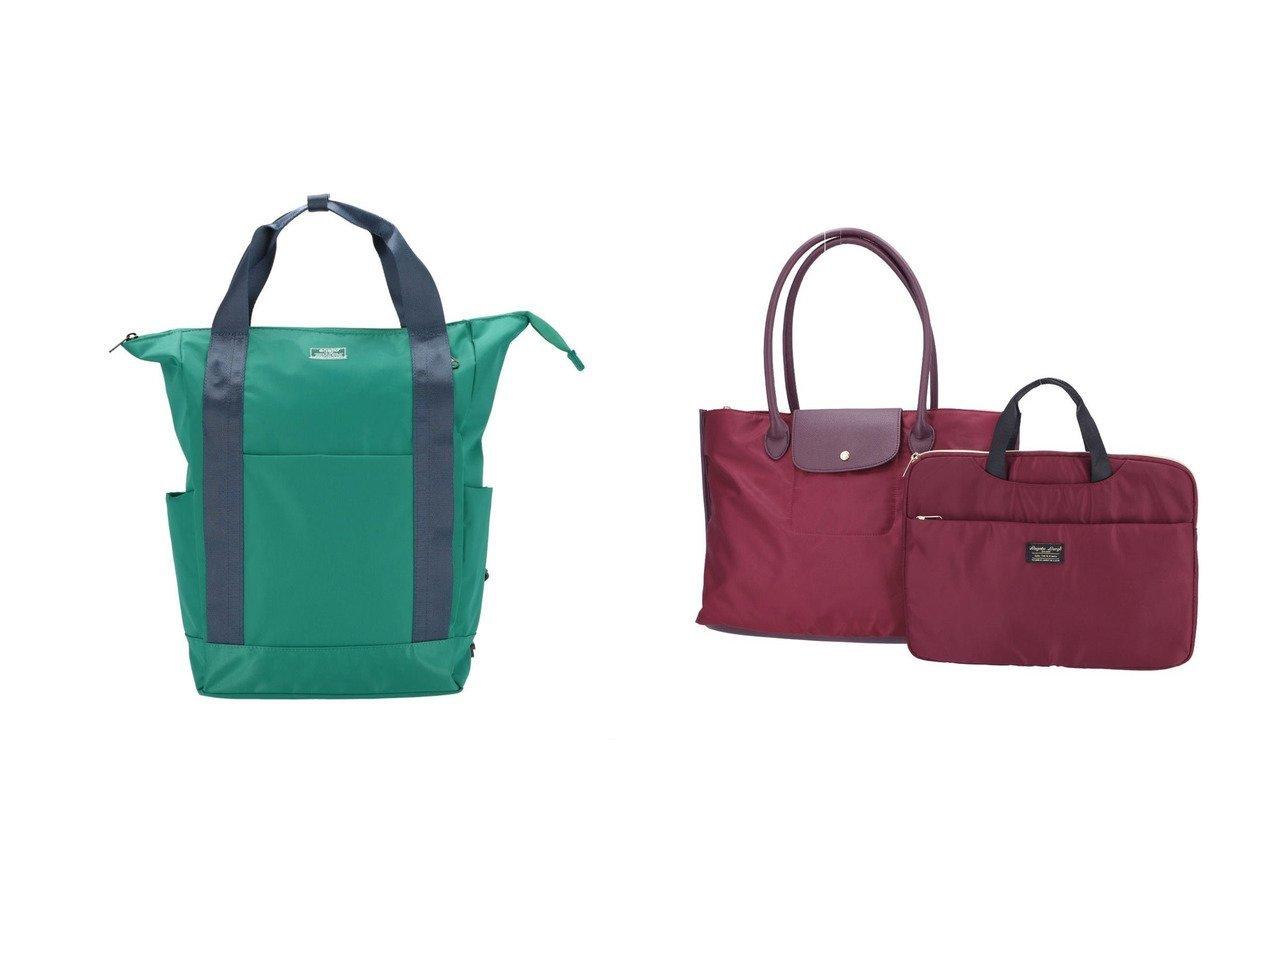 【anello/アネロ】のanello アネロ シフト 2WAYトート型リュック AT-C3149&【Legato Largo/レガートラルゴ】のLegato Largo レガートラルゴ 撥水ナイロン調ポリPCケース付きトート LT-G1072 バッグ・鞄のおすすめ!人気、トレンド・レディースファッションの通販 おすすめで人気の流行・トレンド、ファッションの通販商品 メンズファッション・キッズファッション・インテリア・家具・レディースファッション・服の通販 founy(ファニー) https://founy.com/ ファッション Fashion レディースファッション WOMEN バッグ Bag アウトドア カメラ 傘 軽量 ショルダー シンプル スエード スマート フロント ポケット メンズ 無地 リュック スマホ ベーシック |ID:crp329100000015362